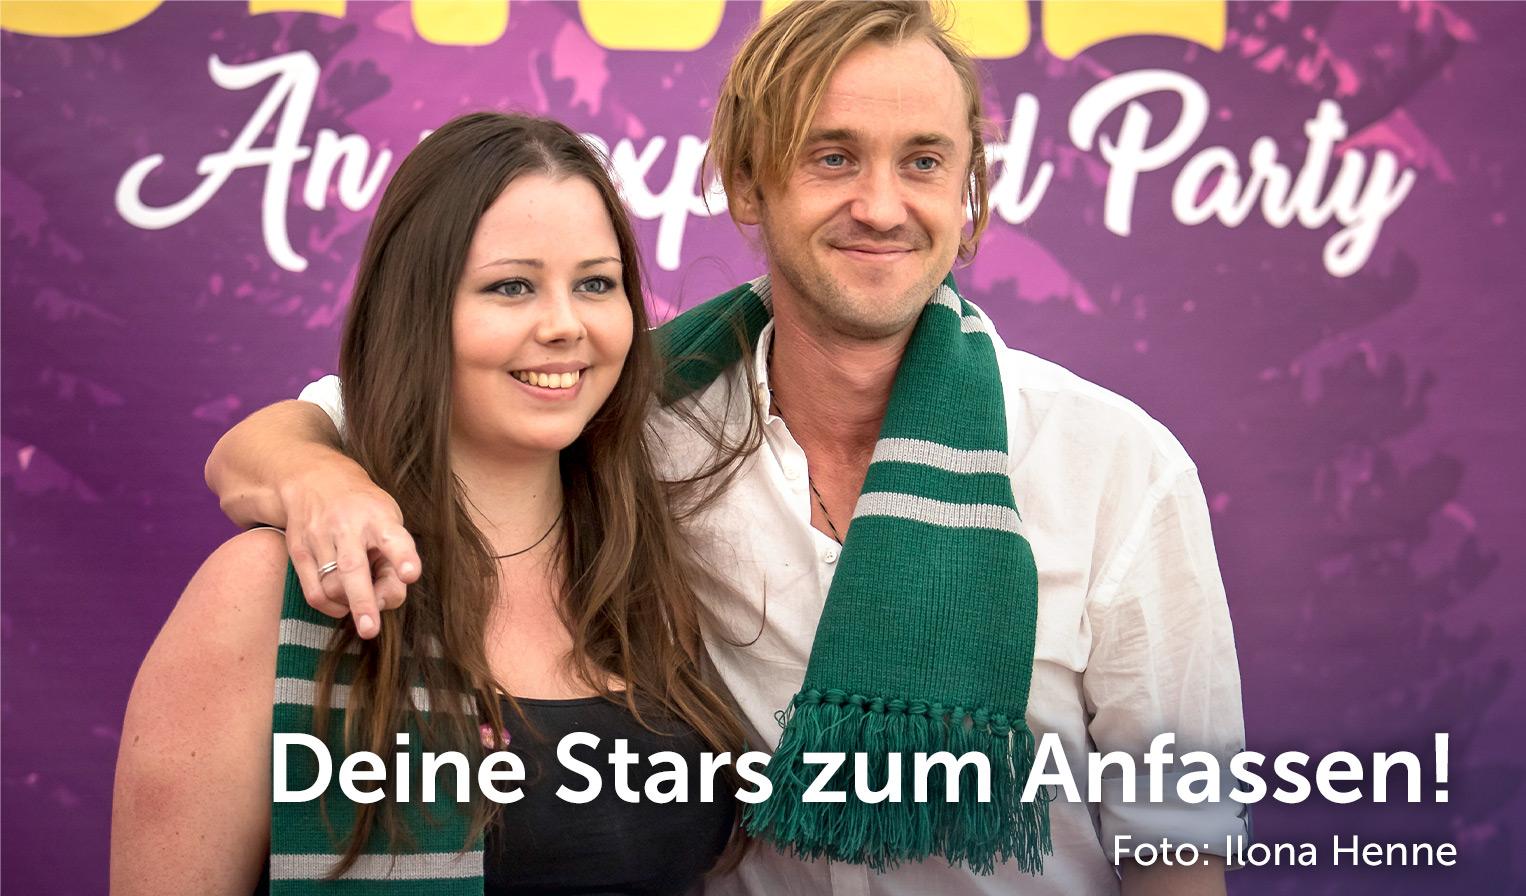 Deine Stars zum Anfassen!, Foto: Ilona Henne